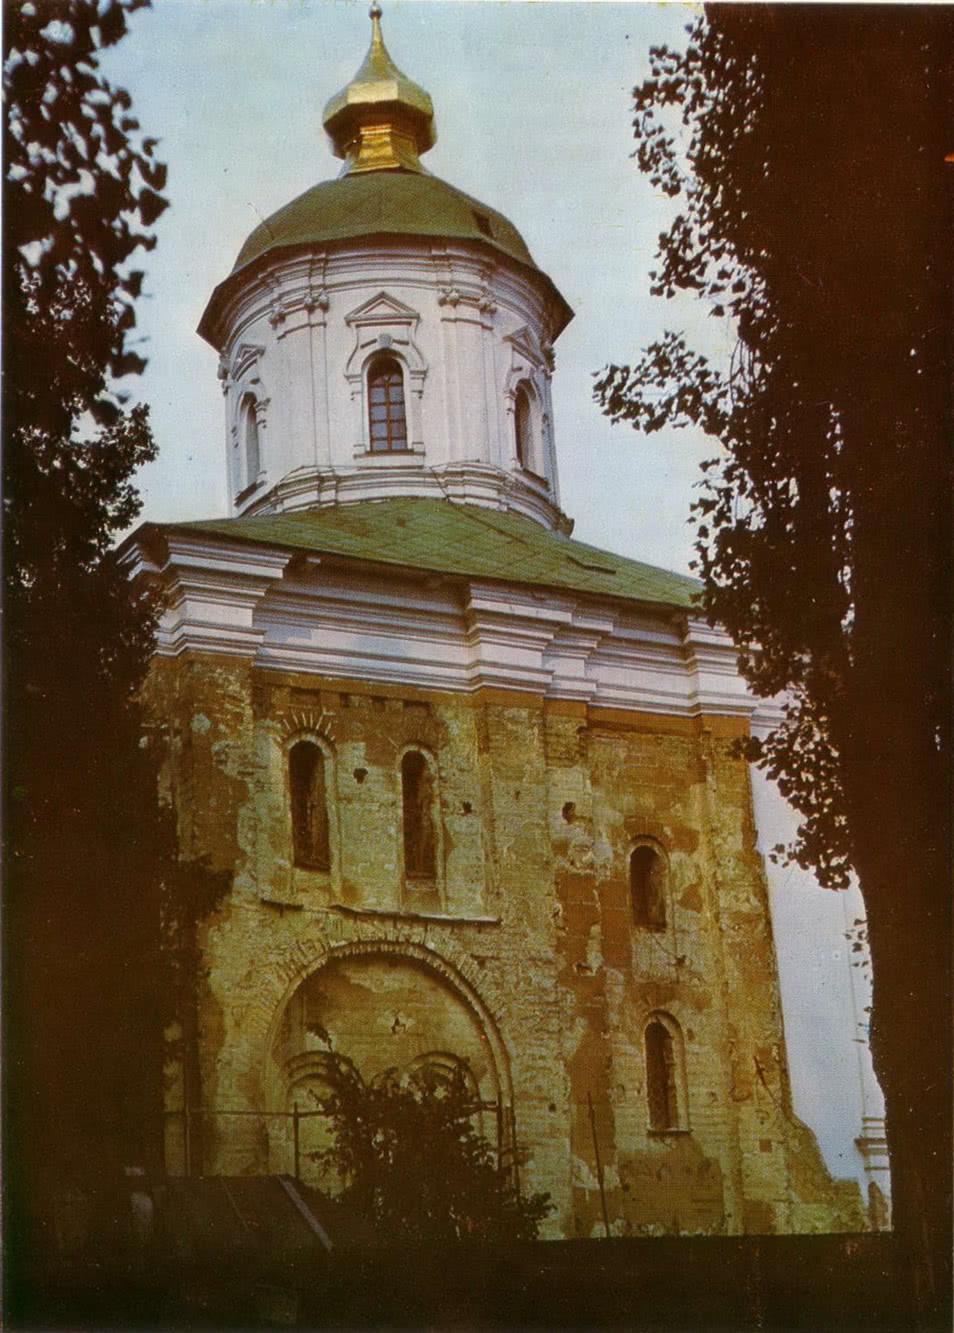 Михайловский собор Выдубецкого монастыря. Южный фасад